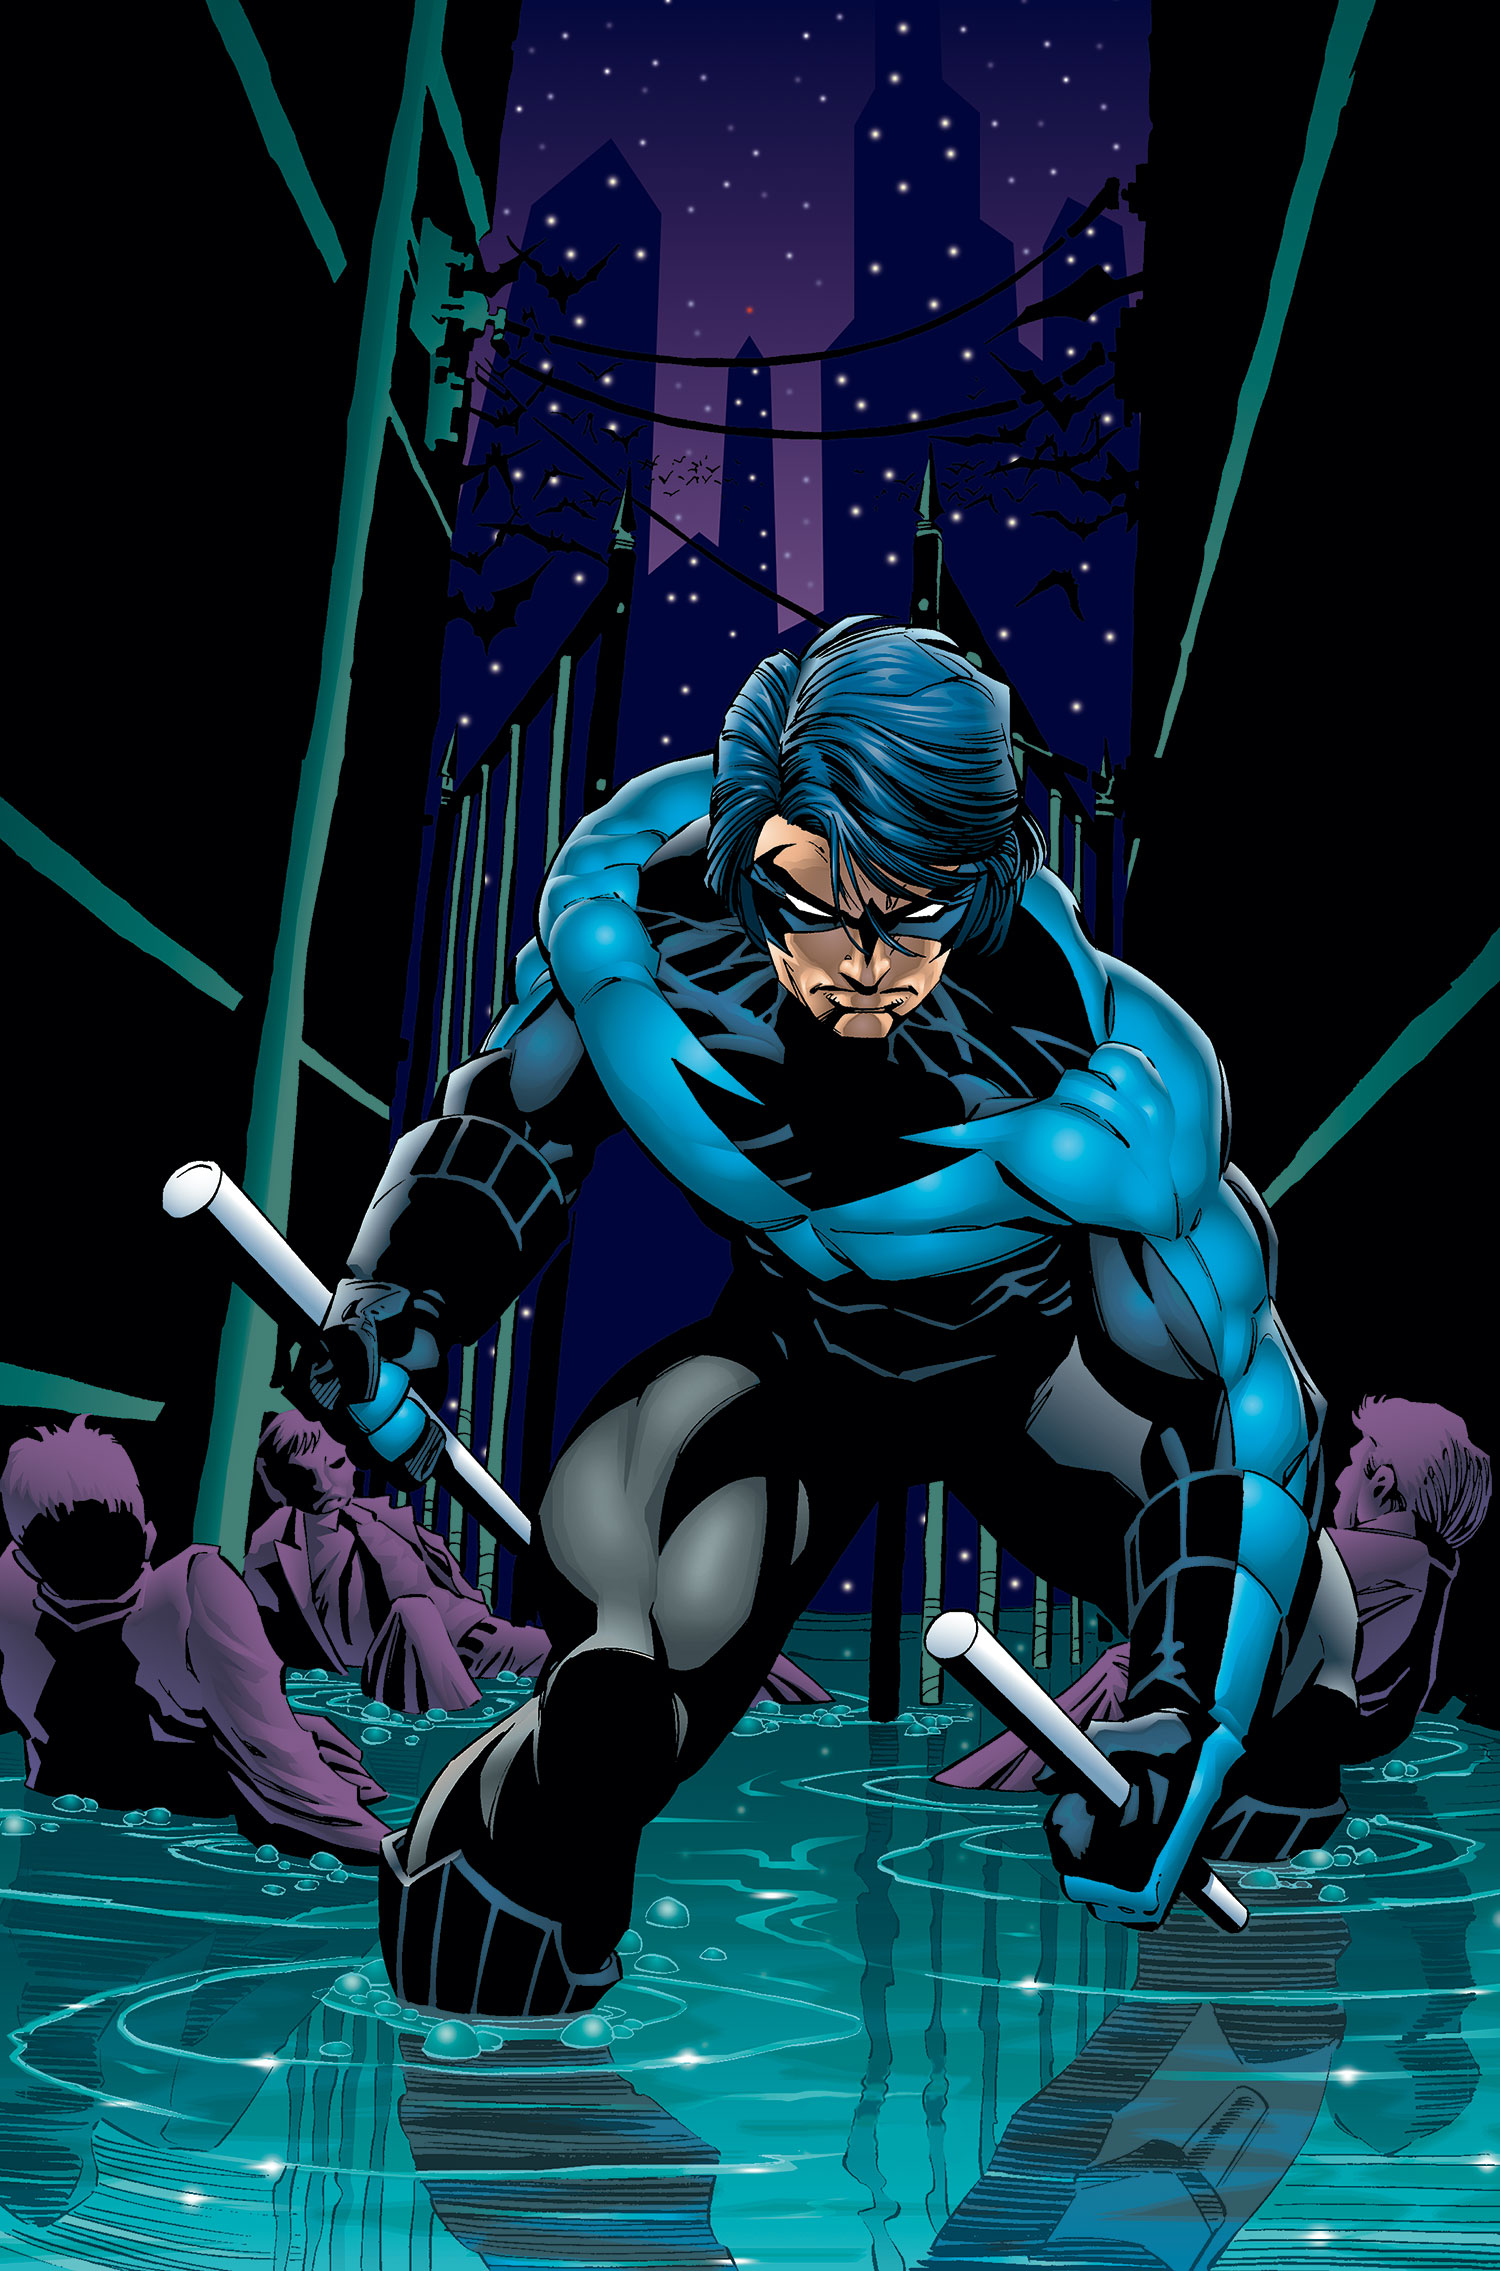 [TEMPORADA 1] CLASH OF SUPERHEROES - Parte 1 - - Página 38 Nightwing_0002